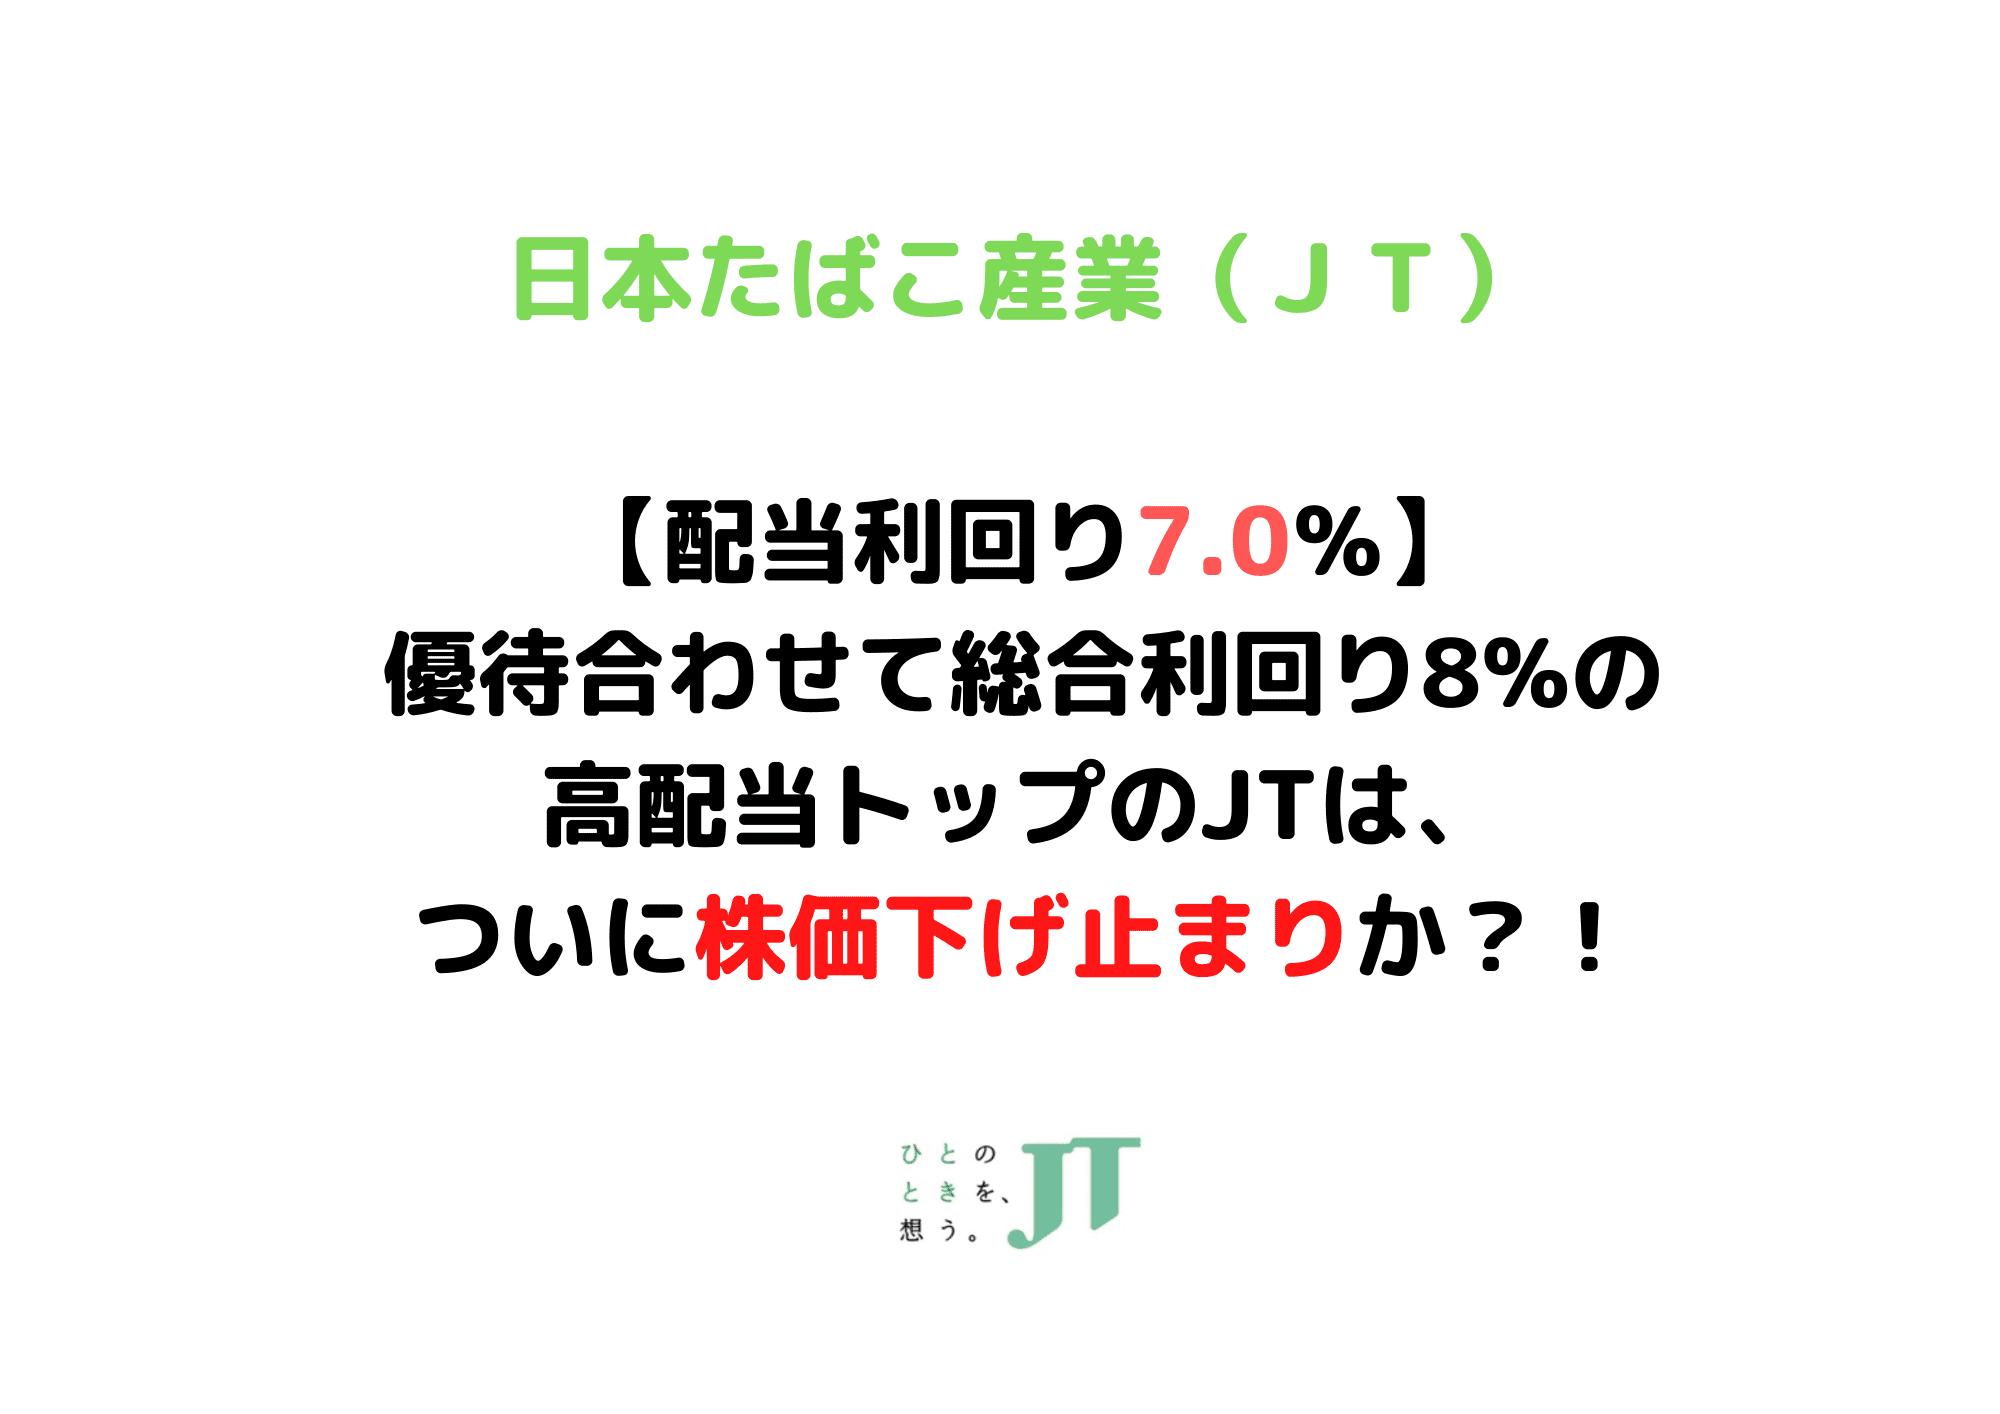 JT 日本たばこ産業 2914 株価 (1)